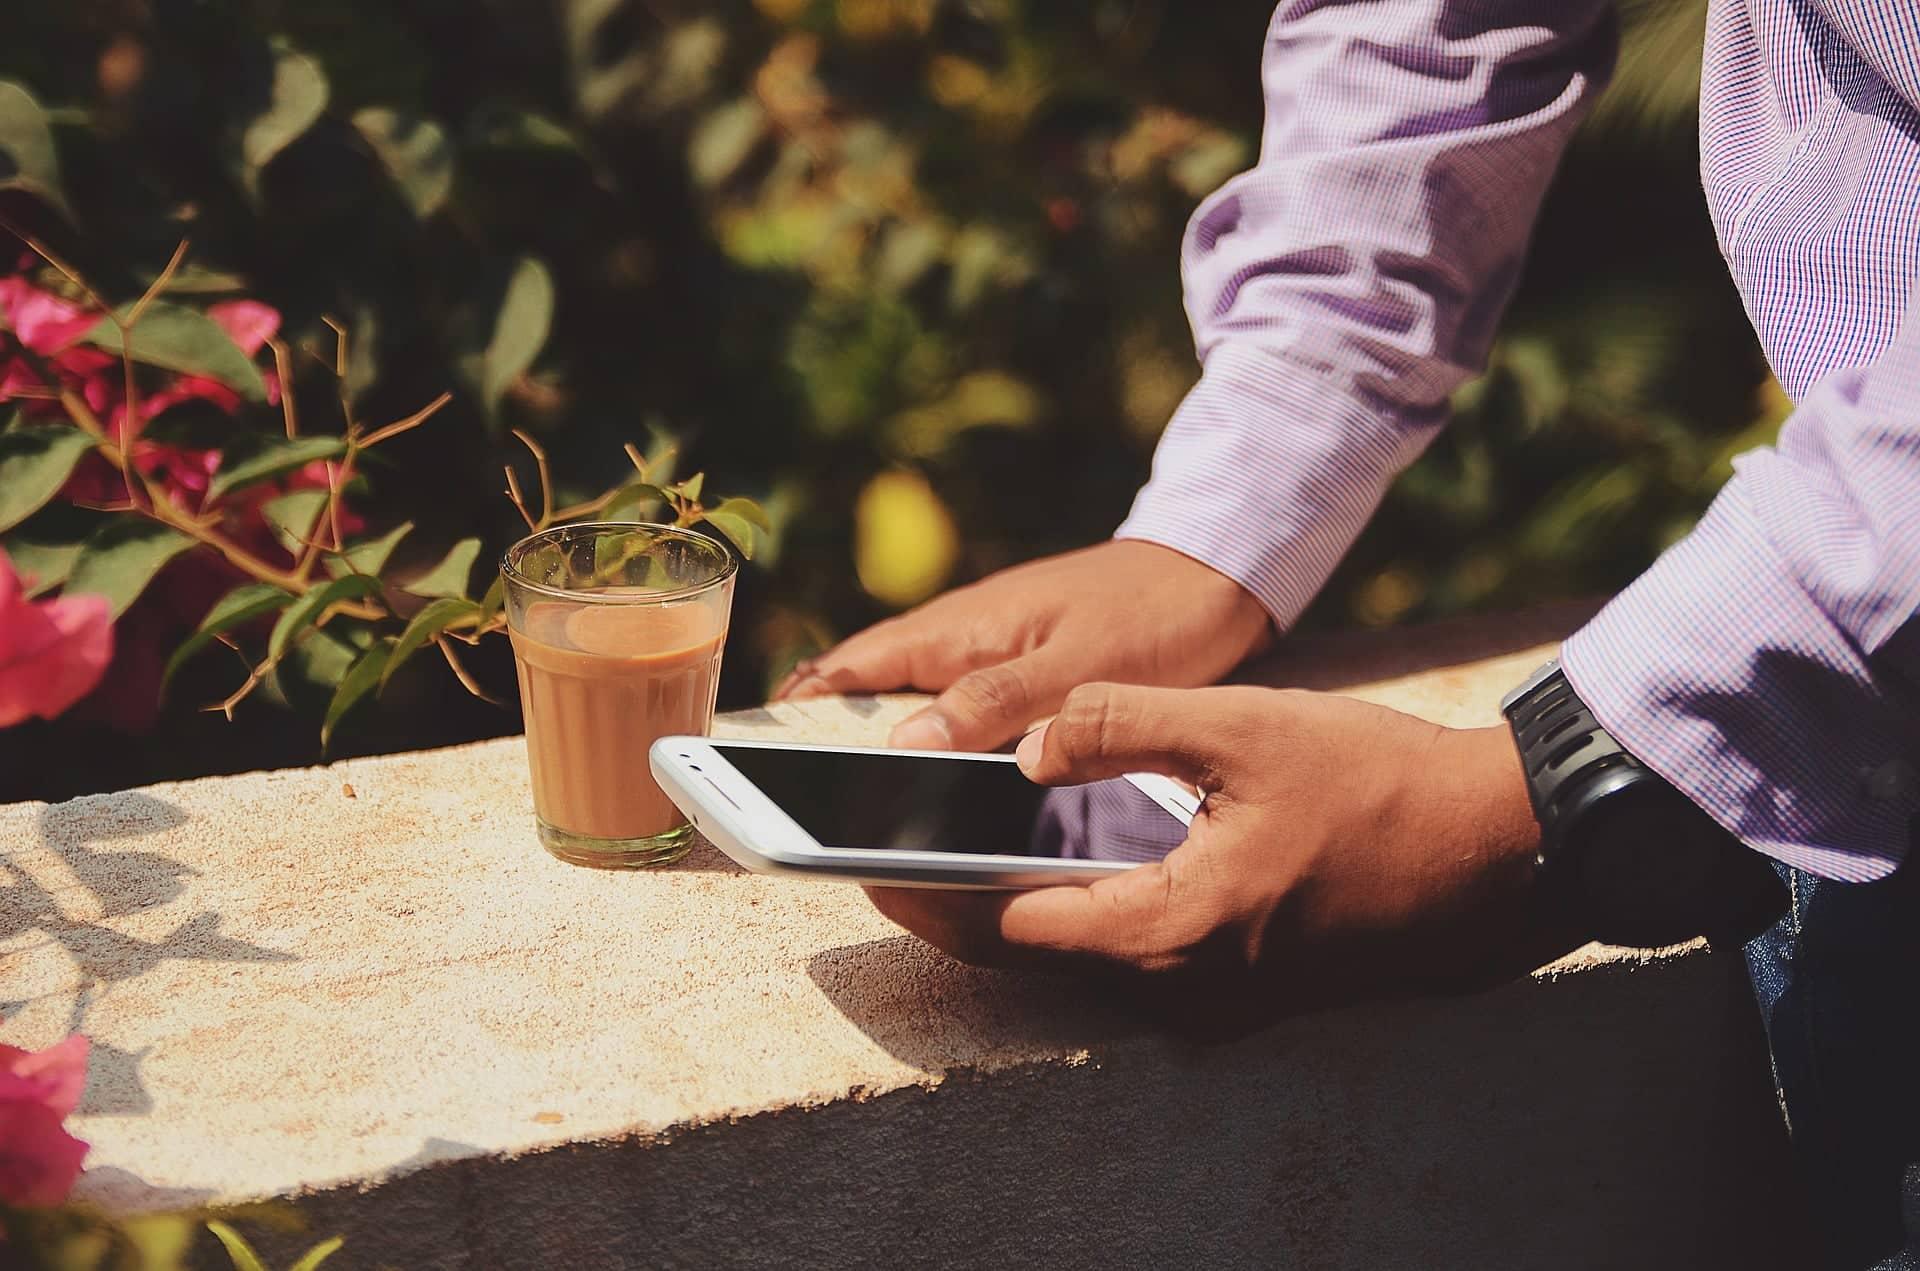 encontre clientes com o seu marketing nas redes sociais